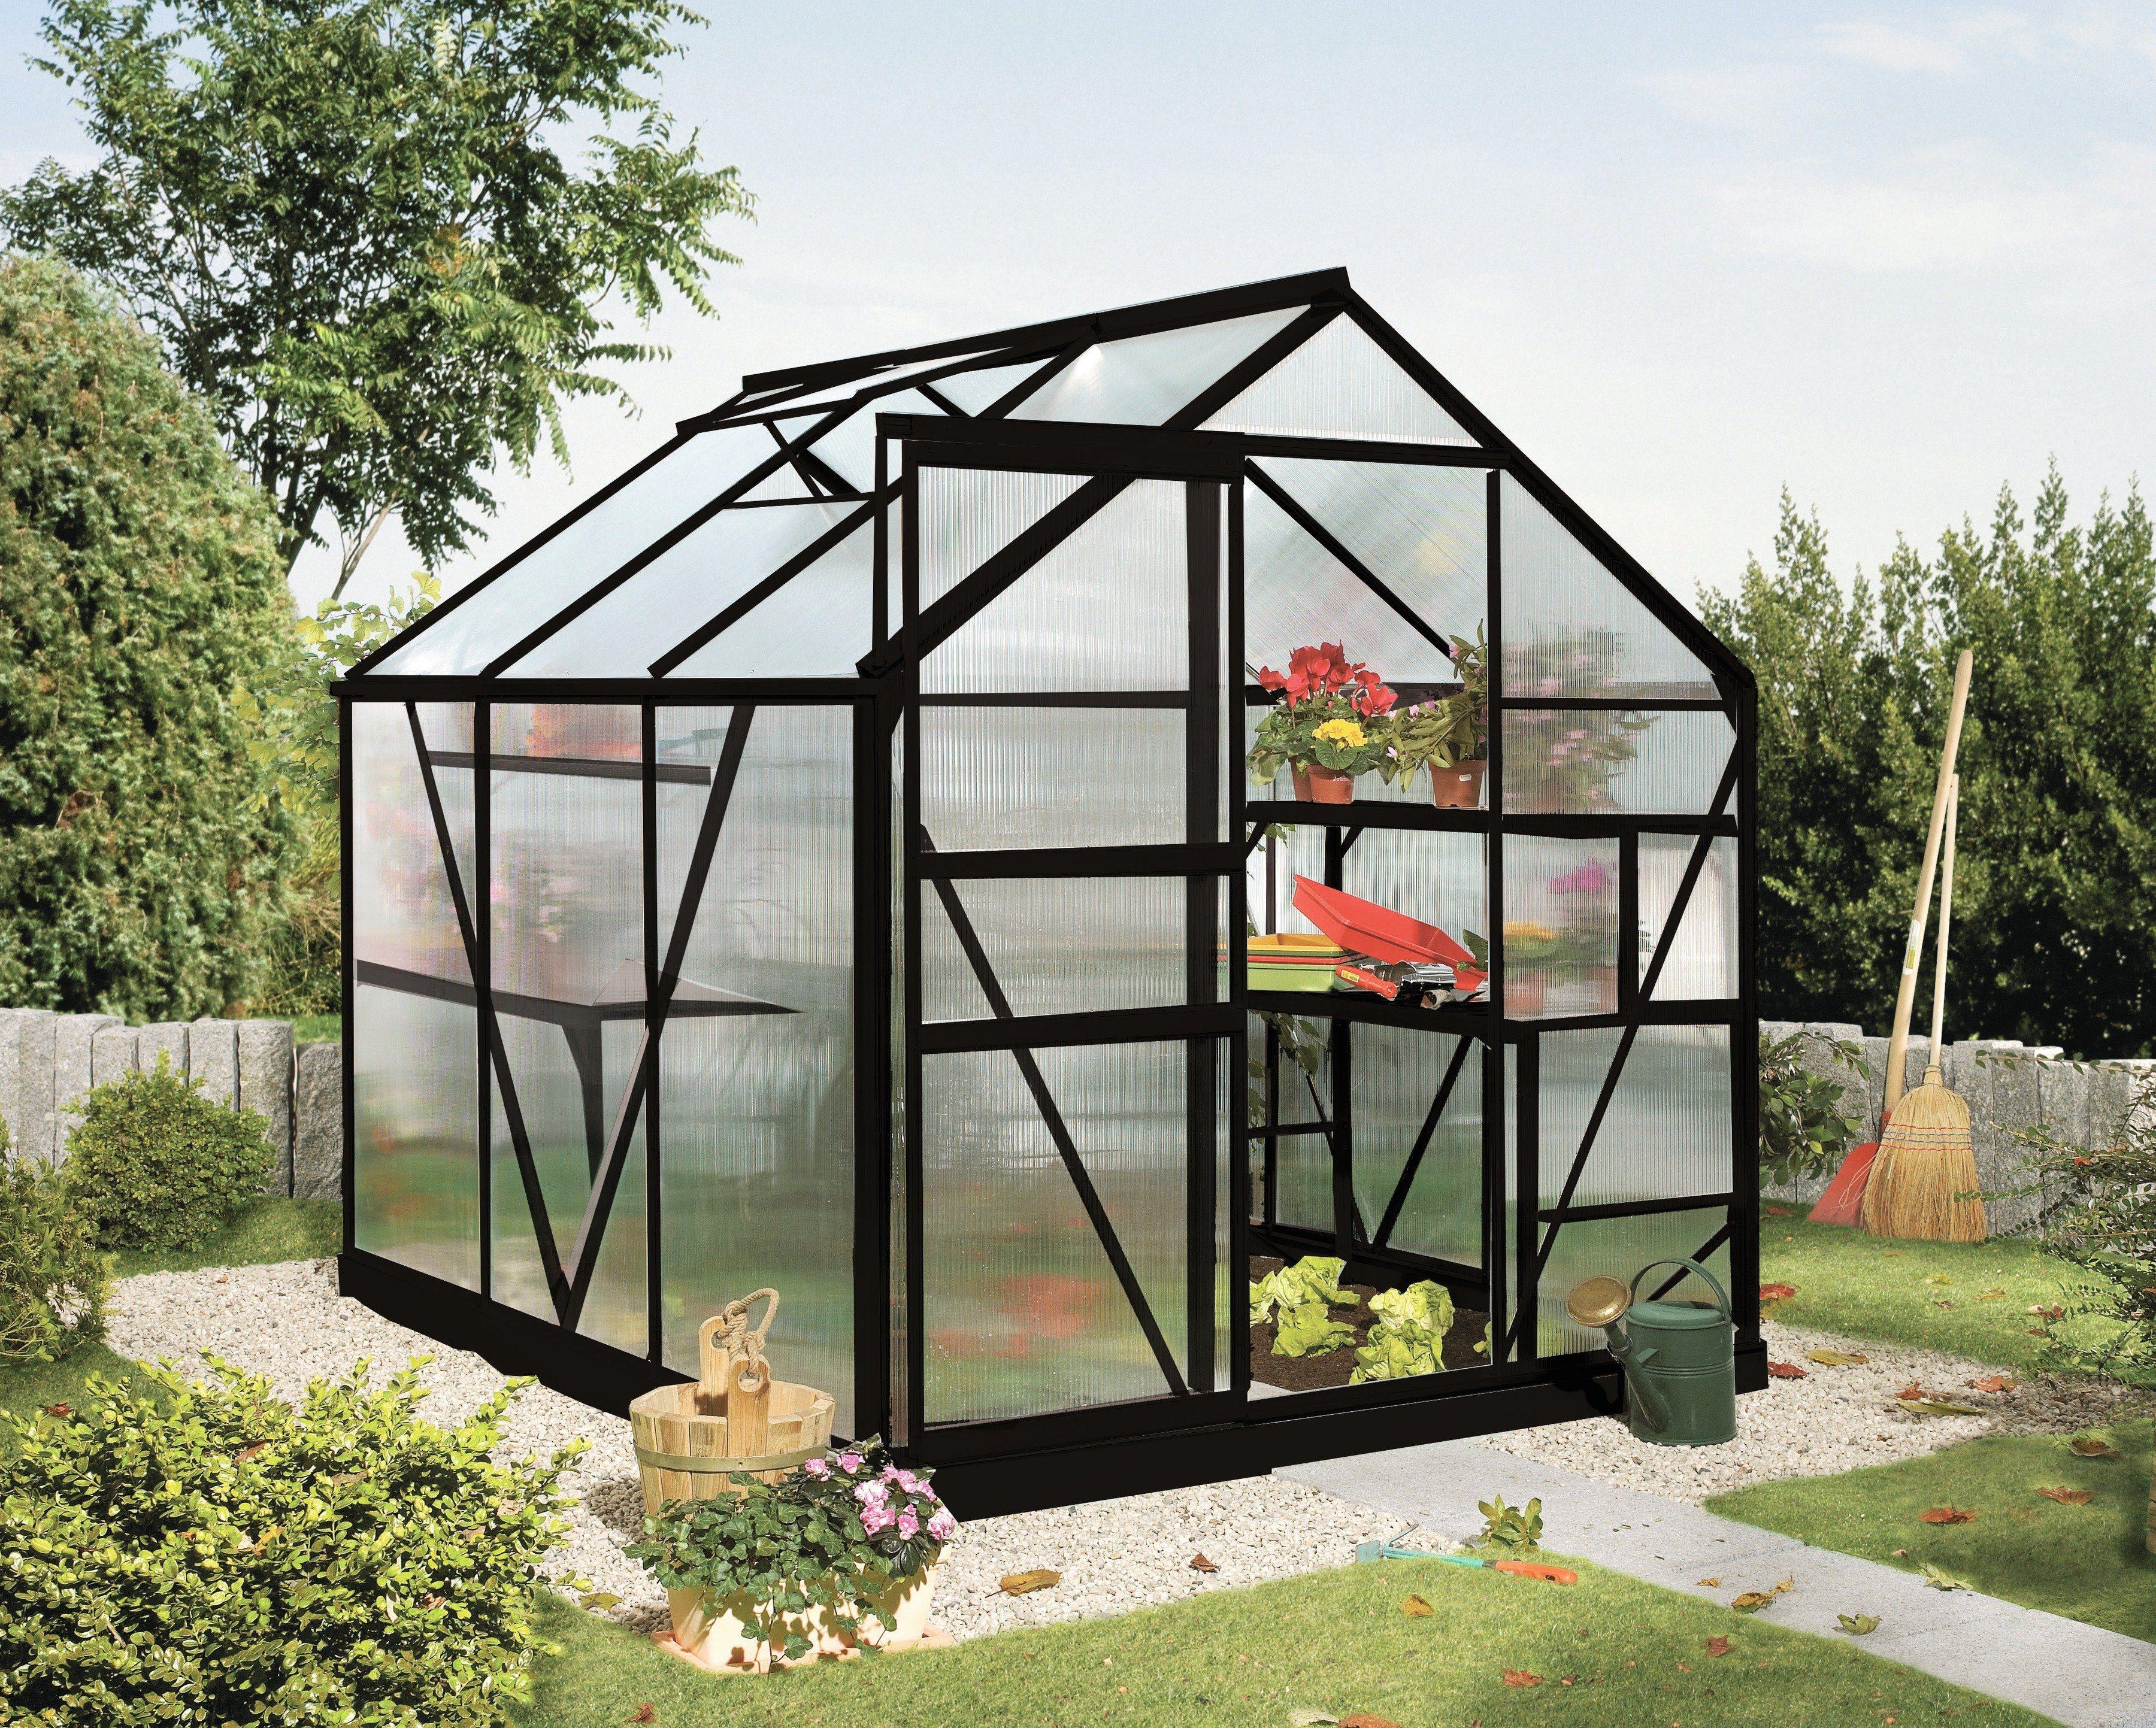 VITAVIA Gewächshaus »Calypso 4400«, BxT: 192x228 cm, schwarz